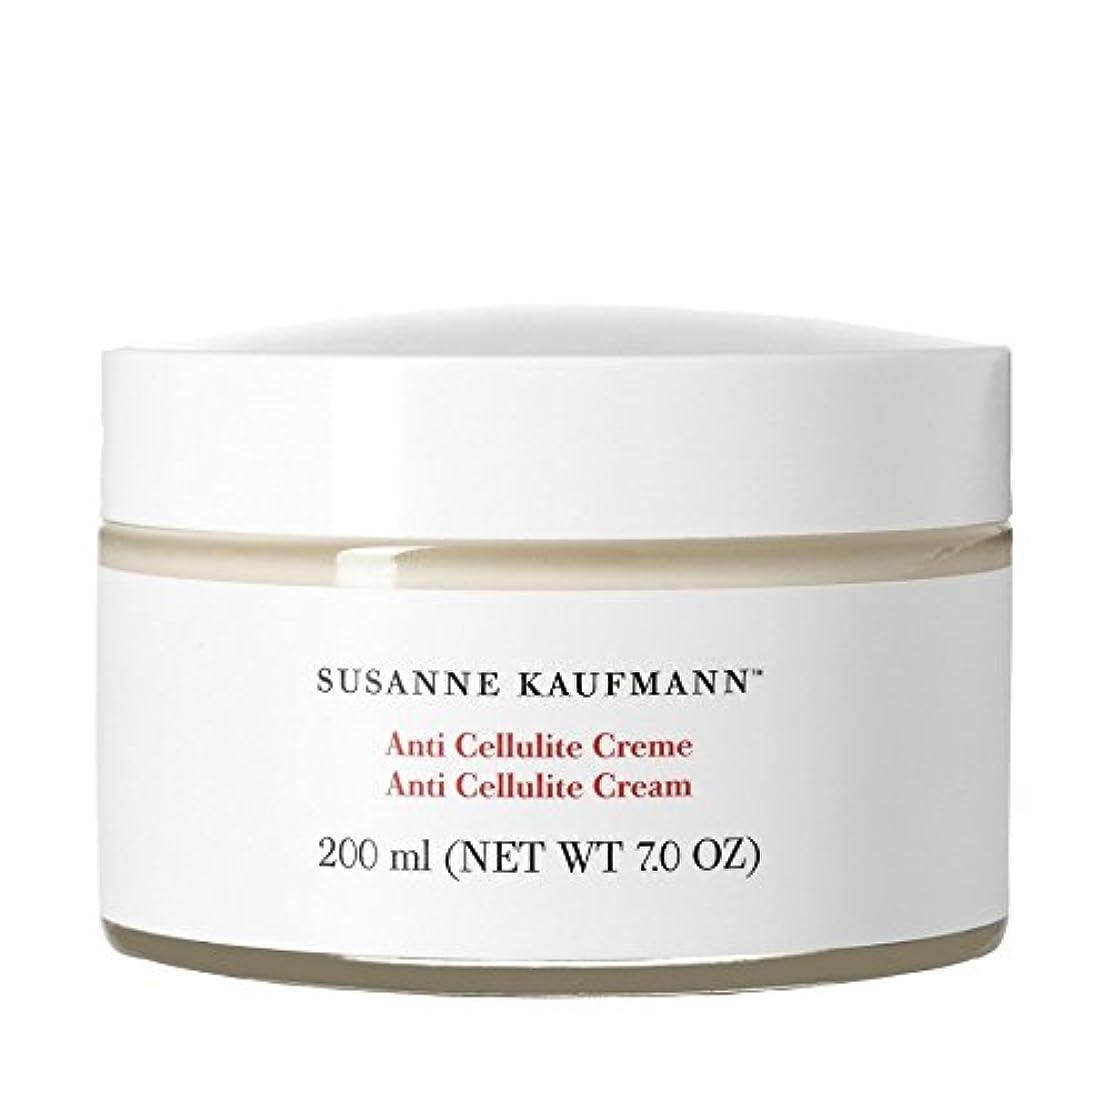 リマークプライバシーライオネルグリーンストリートSusanne Kaufmann Anti Cellulite Cream 200ml - スザンヌカウフマン抗セルライトクリーム200ミリリットル [並行輸入品]